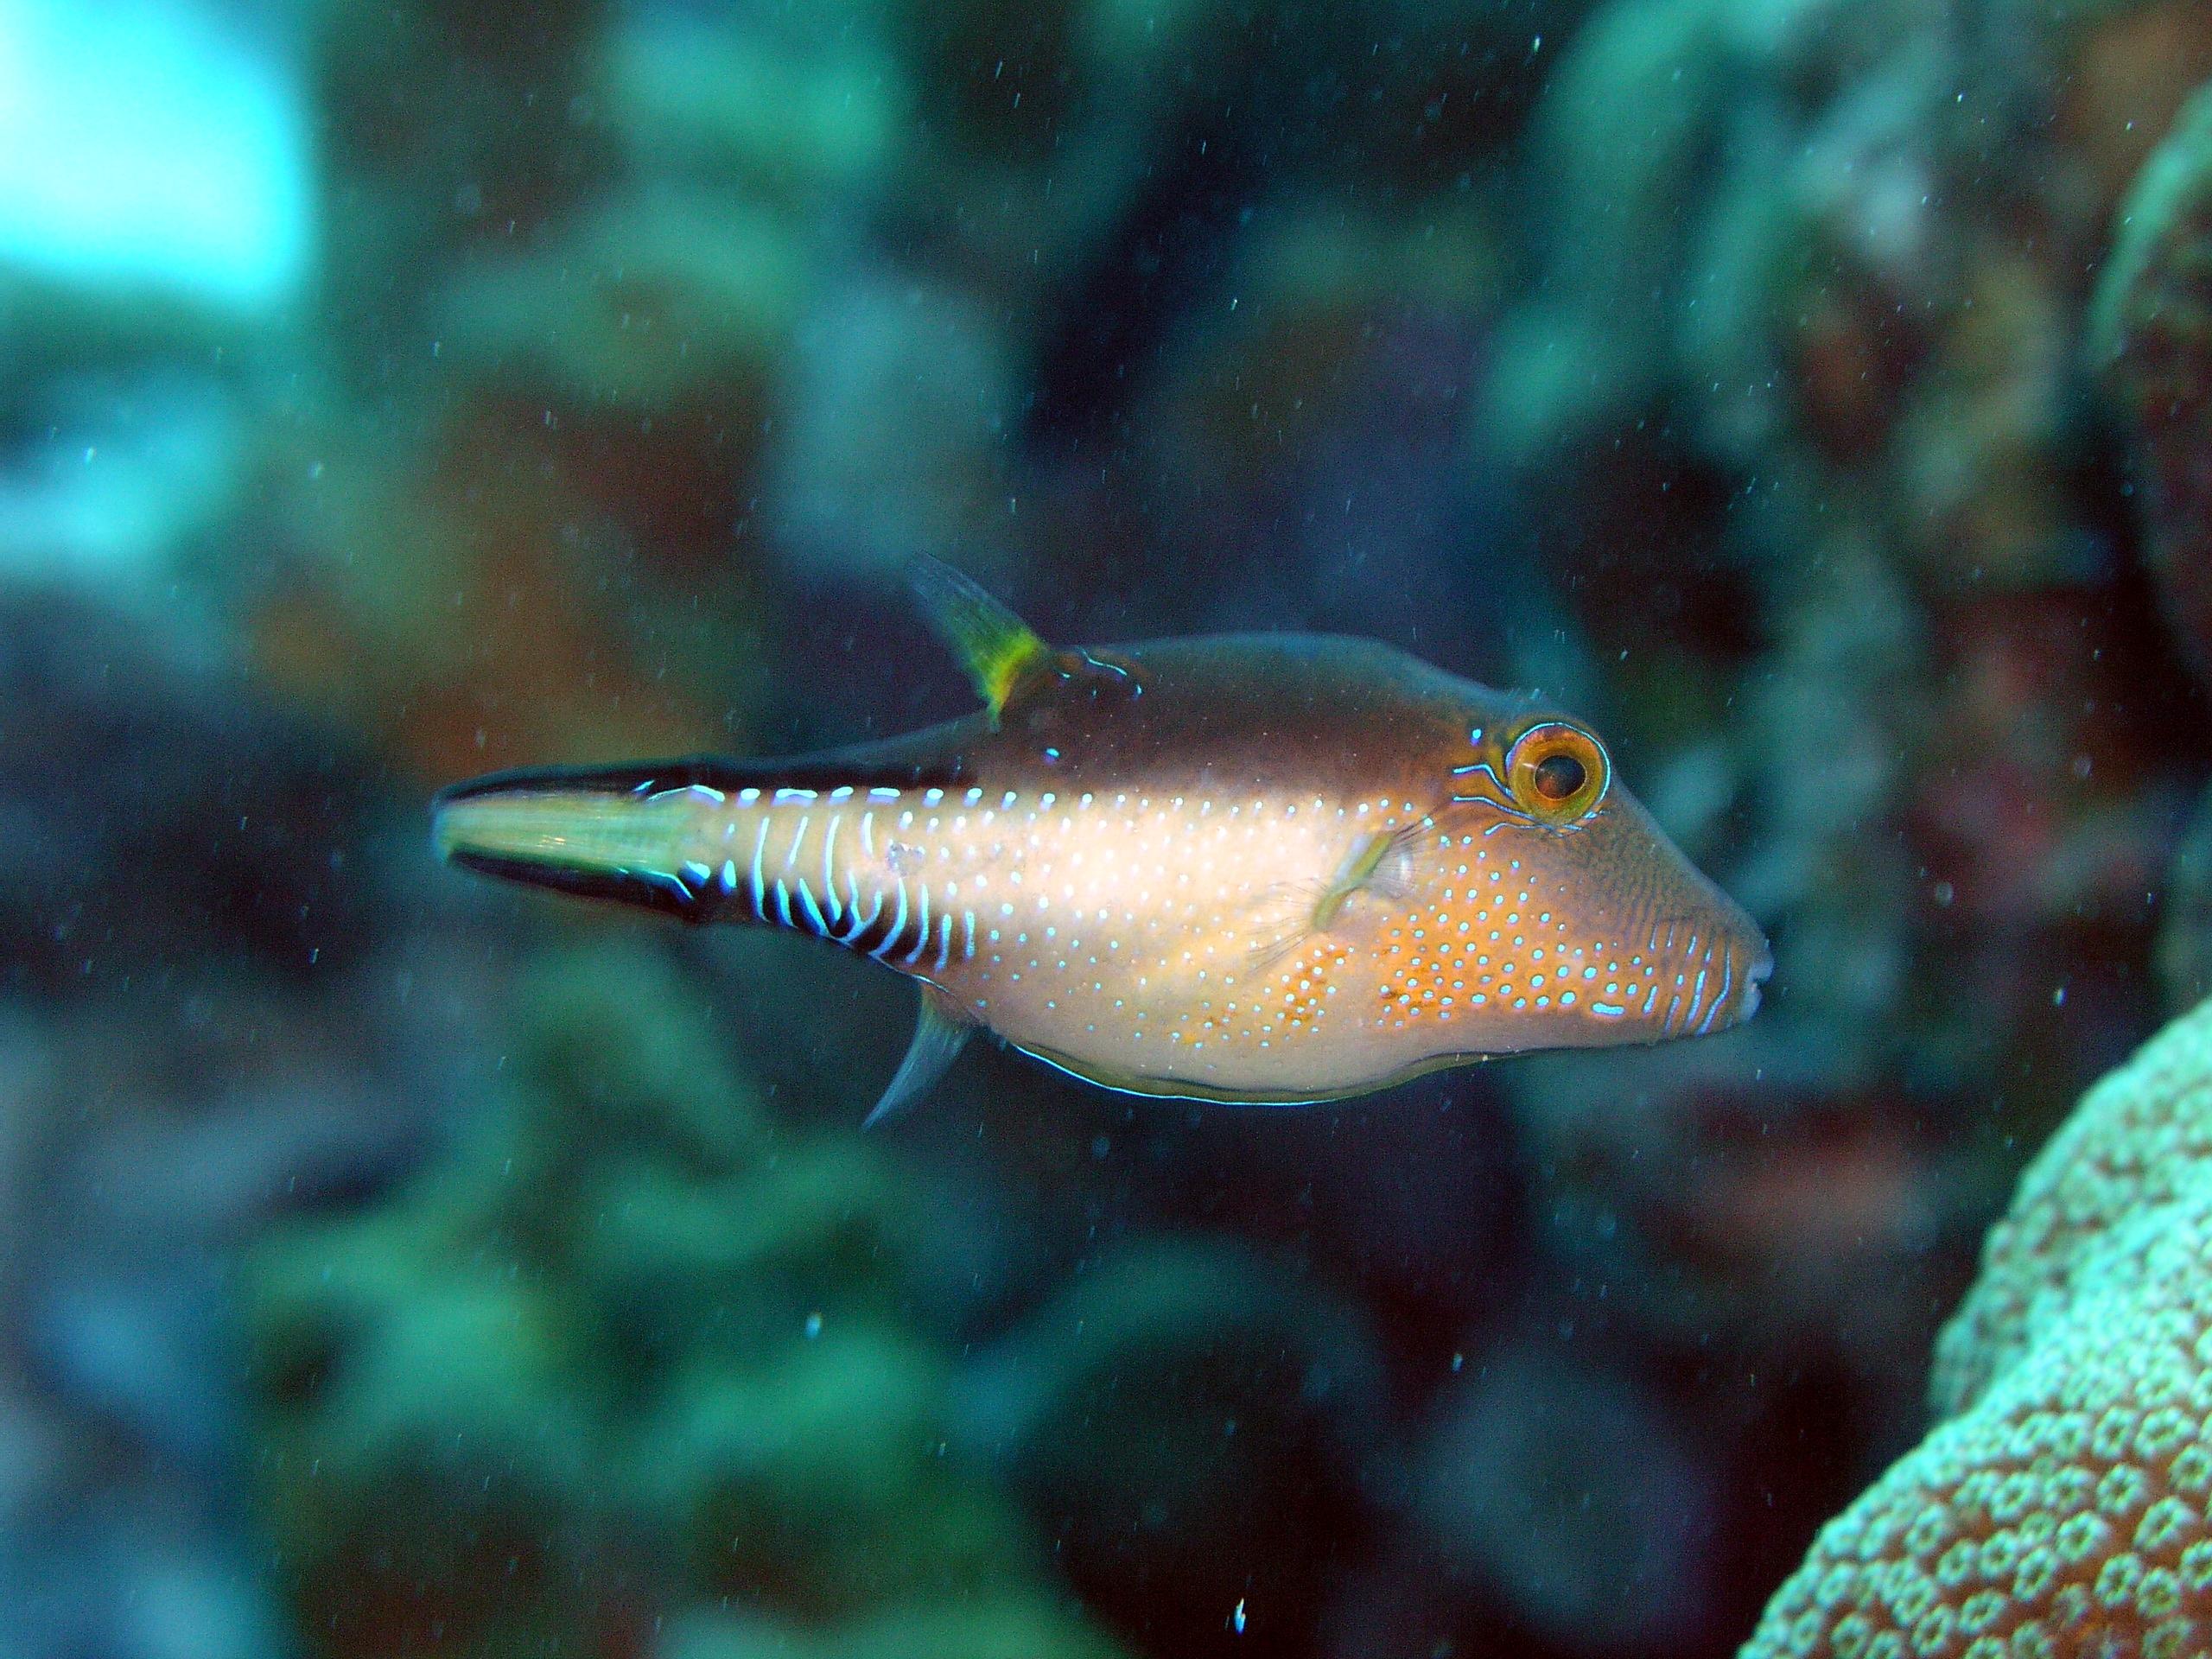 Sharp-Nose Puffer in the aquarium wallpaper